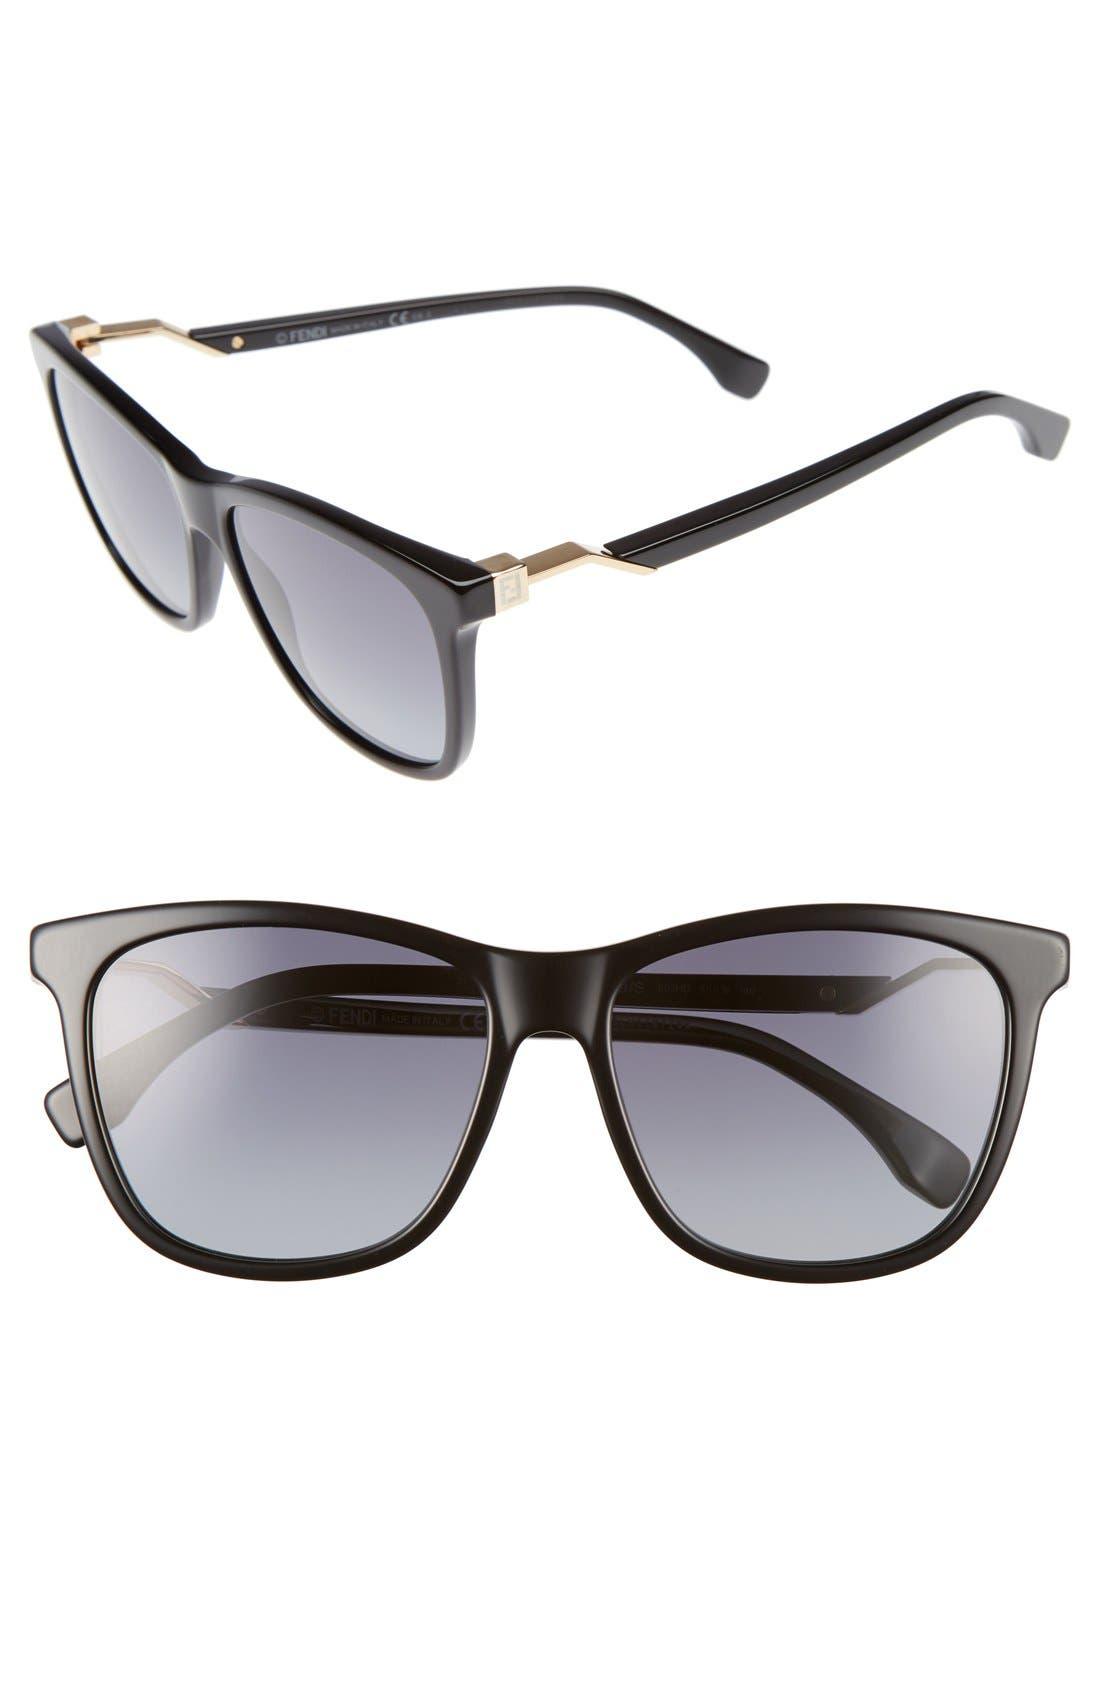 55mm Cube Retro Sunglasses,                         Main,                         color,